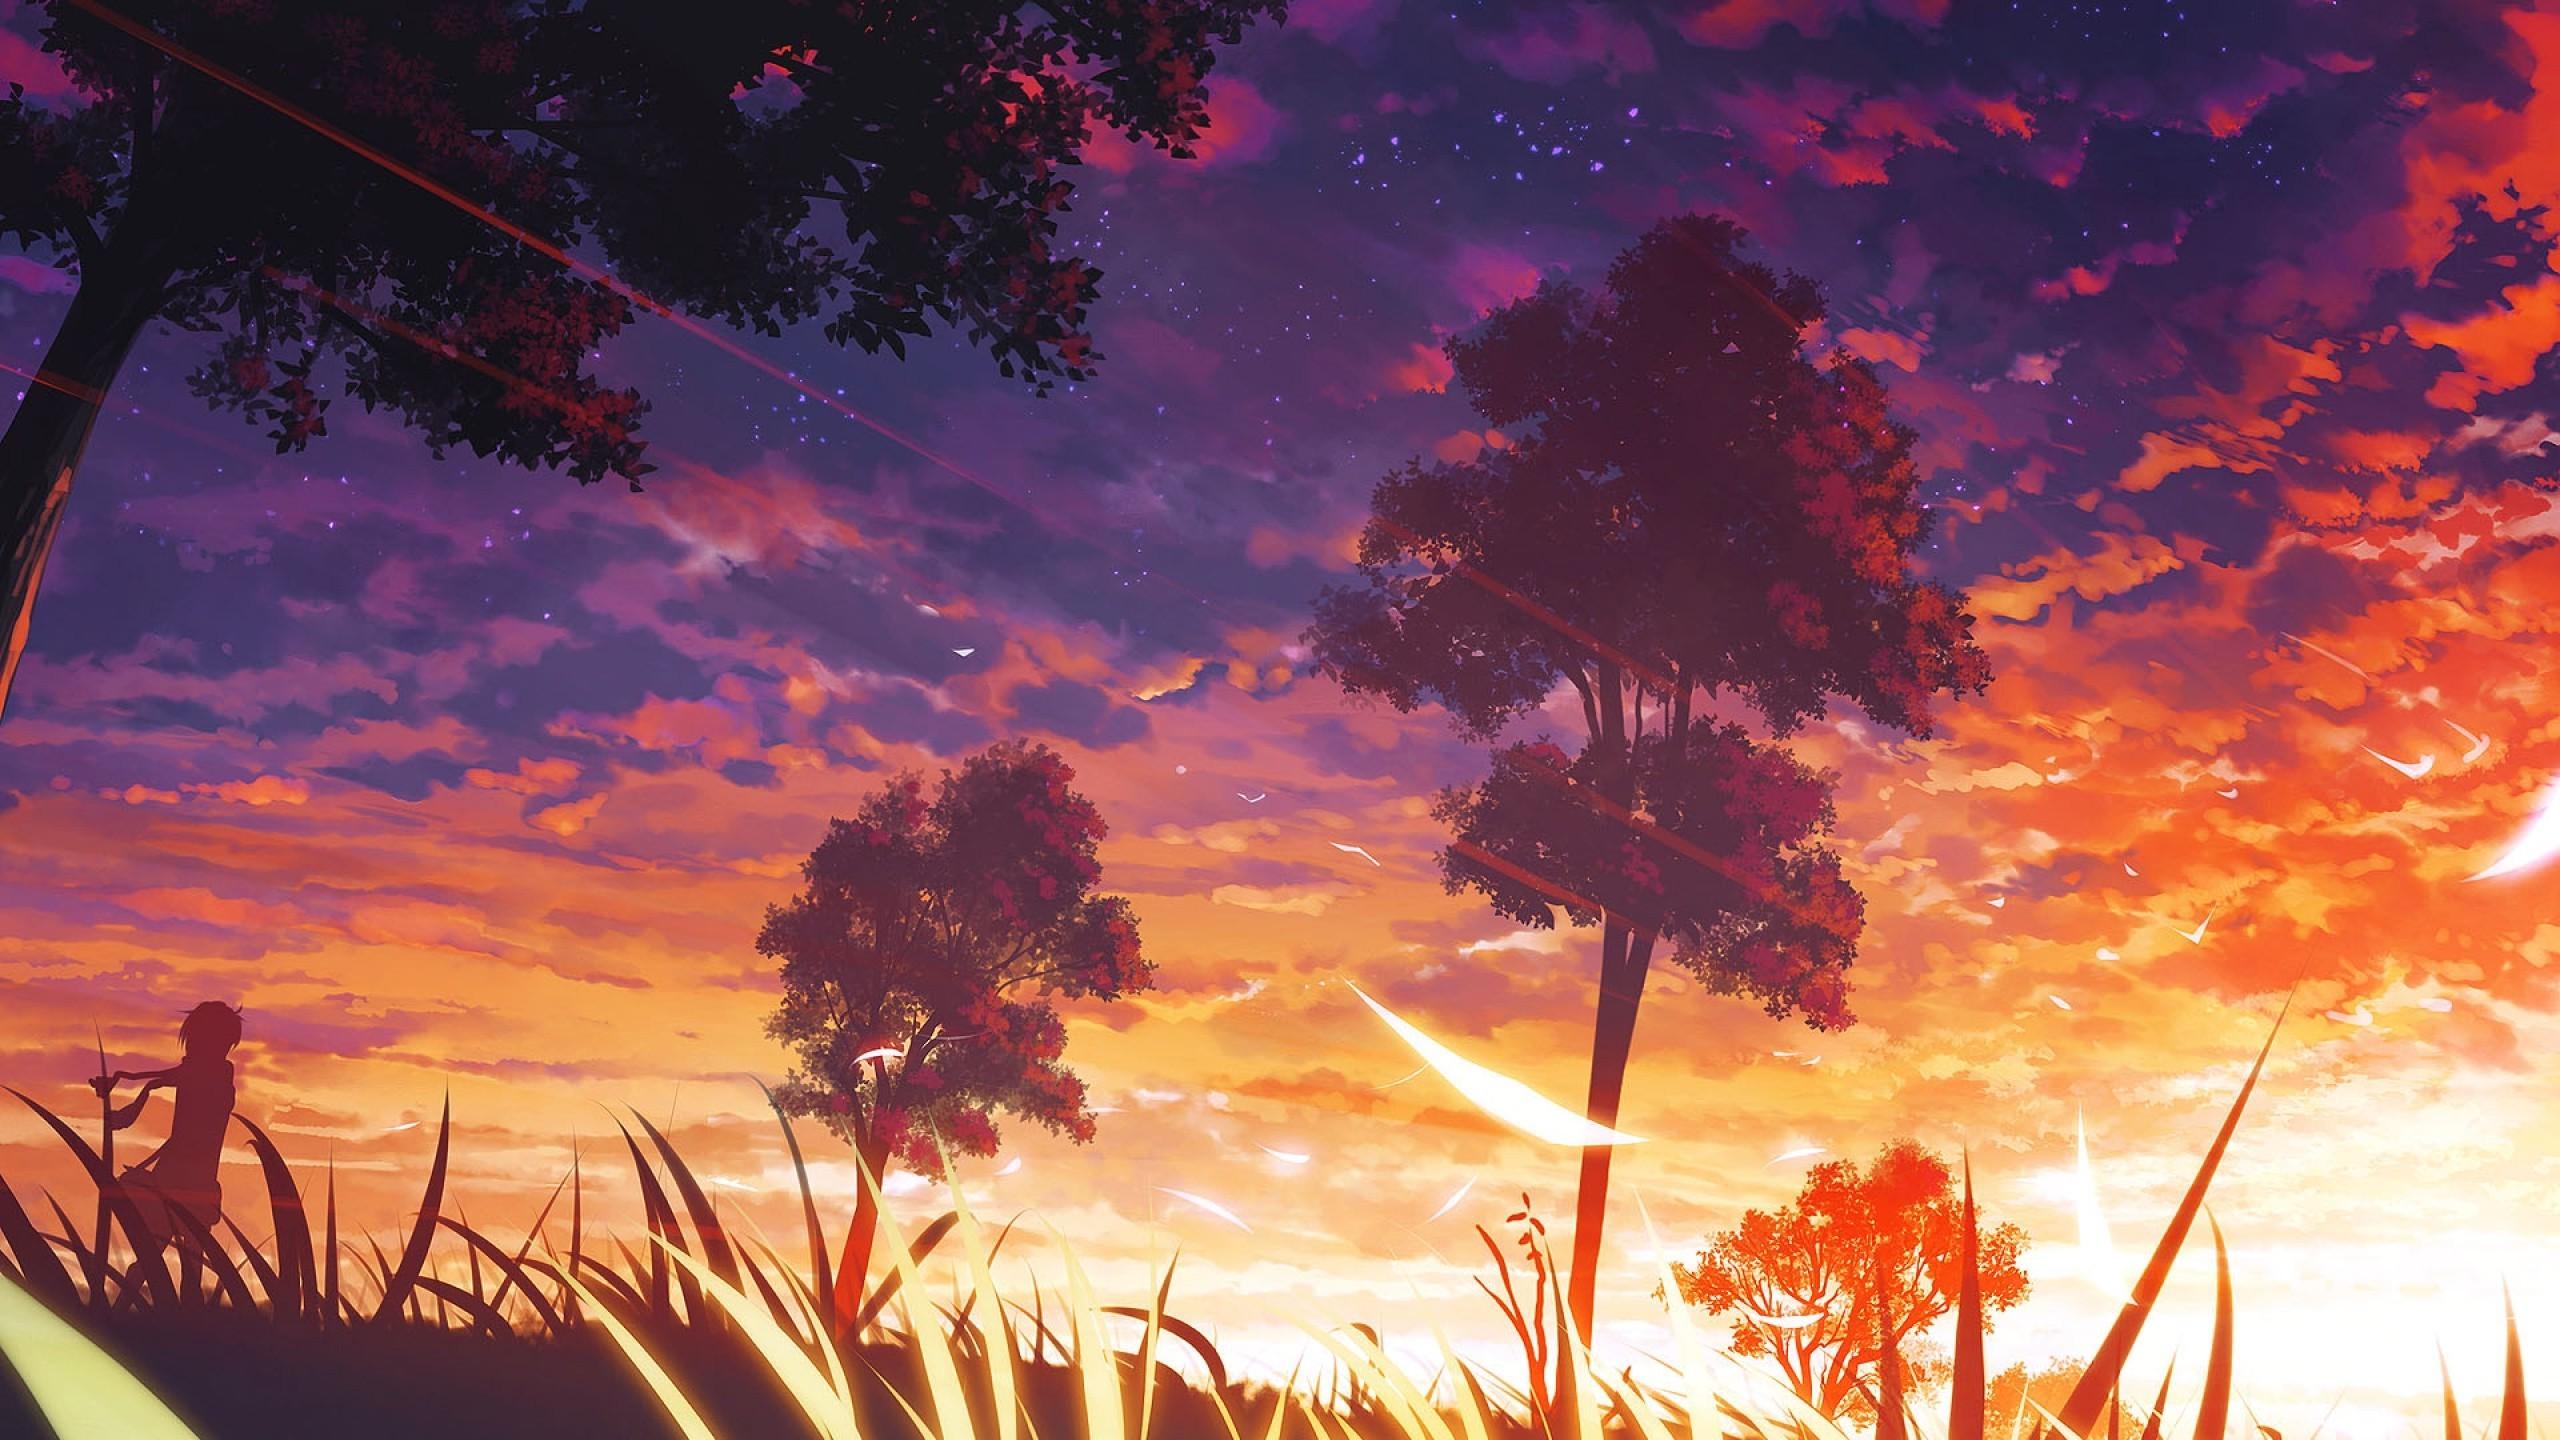 Wallpaper sunlight trees sunset anime sky sunrise - Anime sky background ...